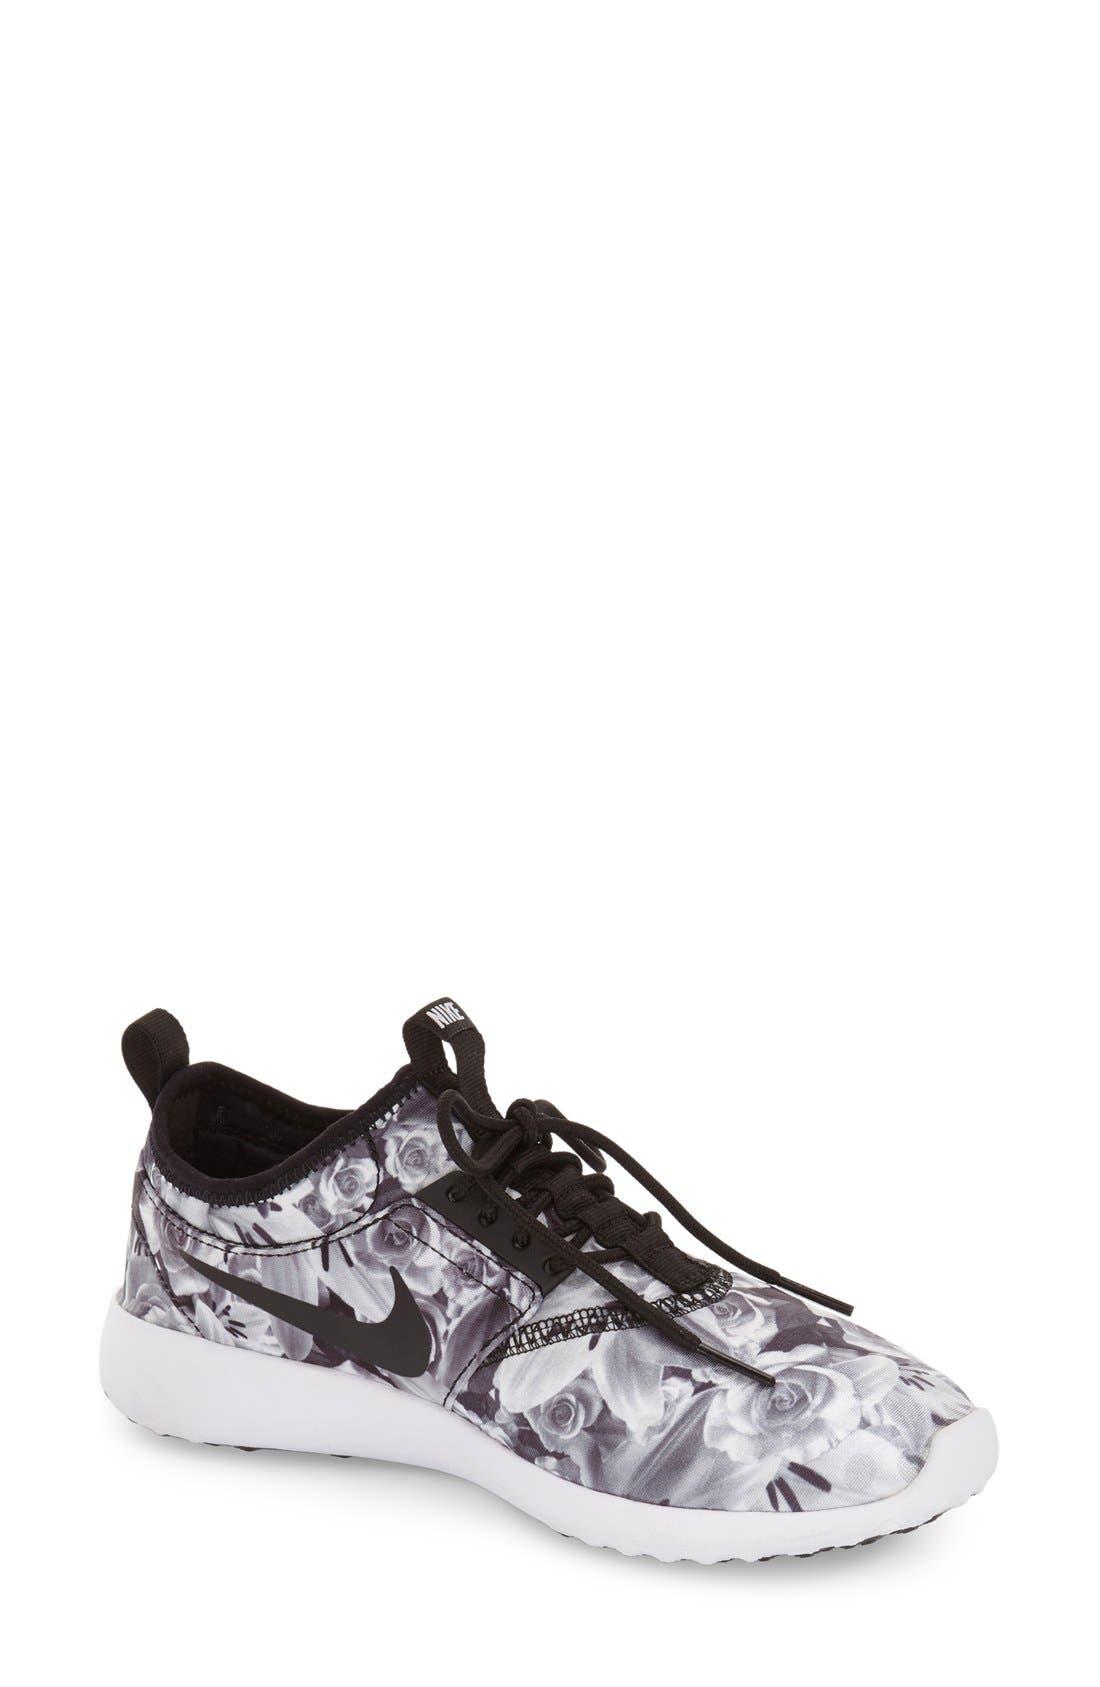 Juvenate Sneaker,                             Main thumbnail 1, color,                             Black/ Black/ White